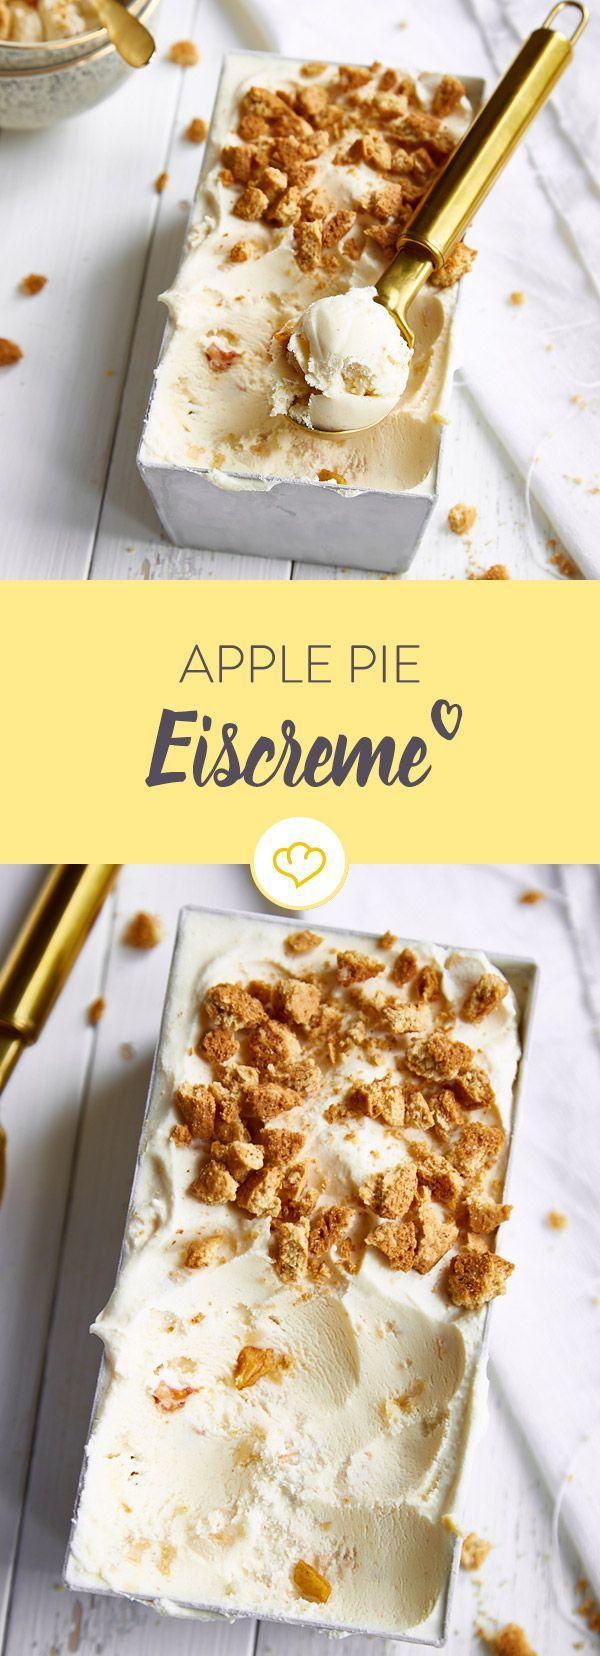 Eis oder Apfelkuchen? Mach beides! Das cremige Milcheis mit Apfelstücken und Kekskrümeln ist der leckerste Weg, um dem Herbstblues zu entkommen.